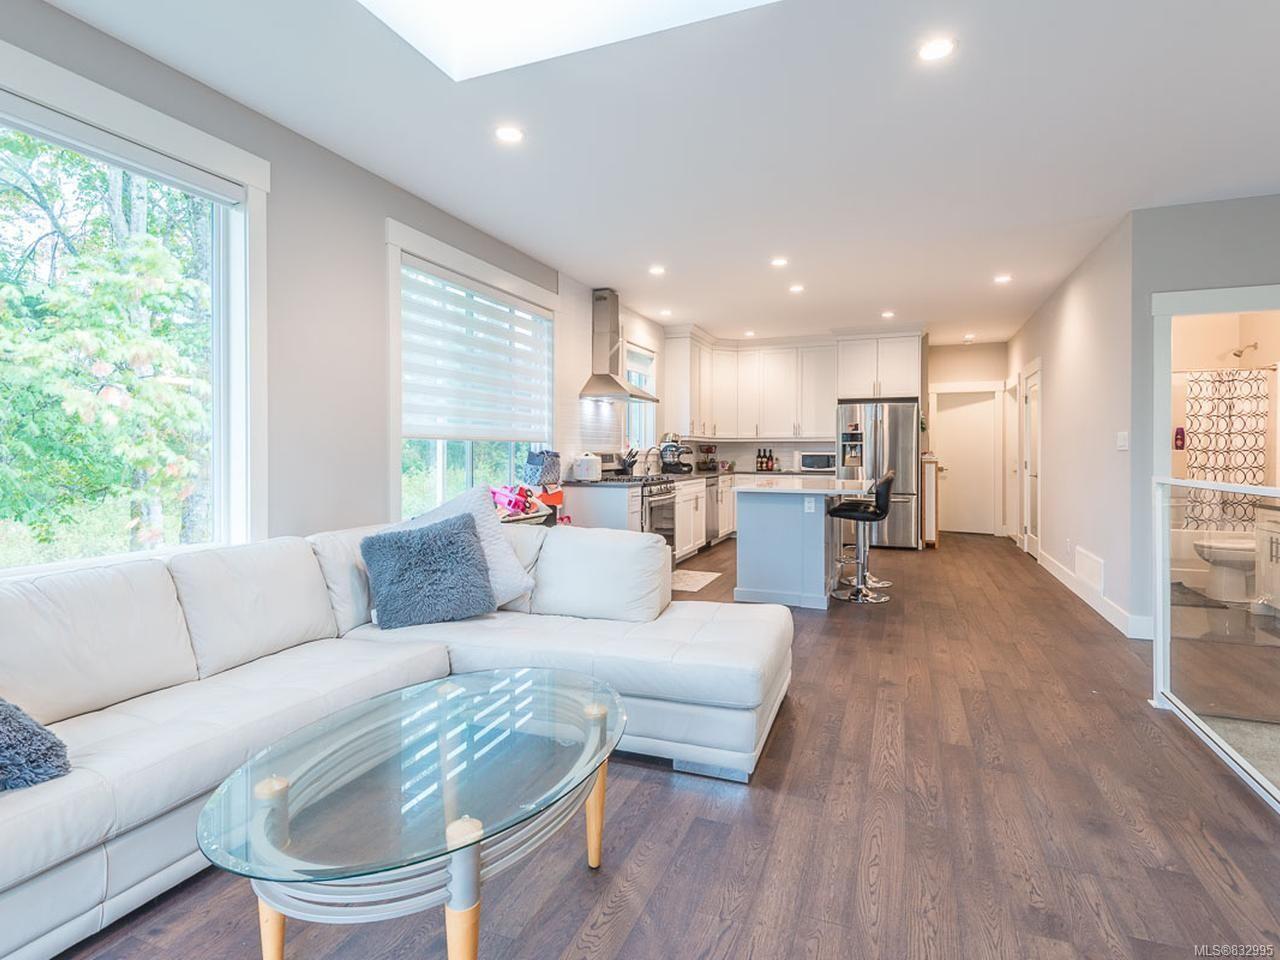 Photo 13: Photos: 5896 Linyard Rd in NANAIMO: Na North Nanaimo House for sale (Nanaimo)  : MLS®# 832995